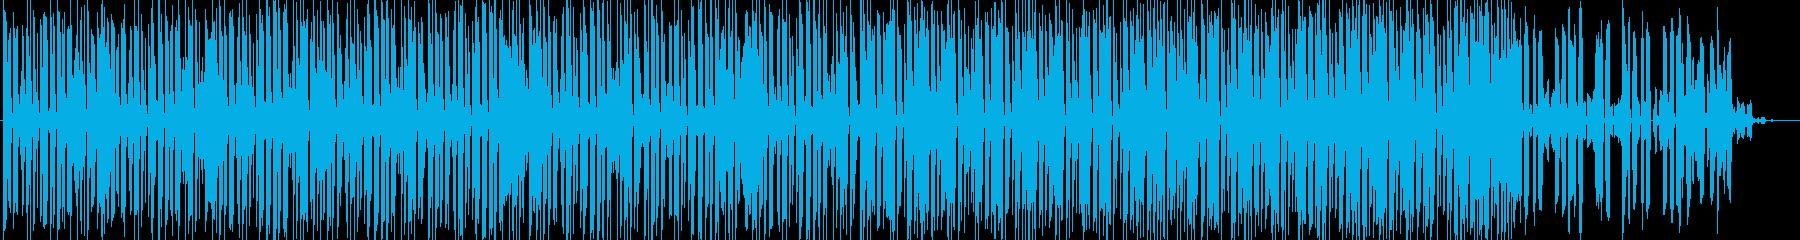 水をイメージしたミニマルテクノポップの再生済みの波形